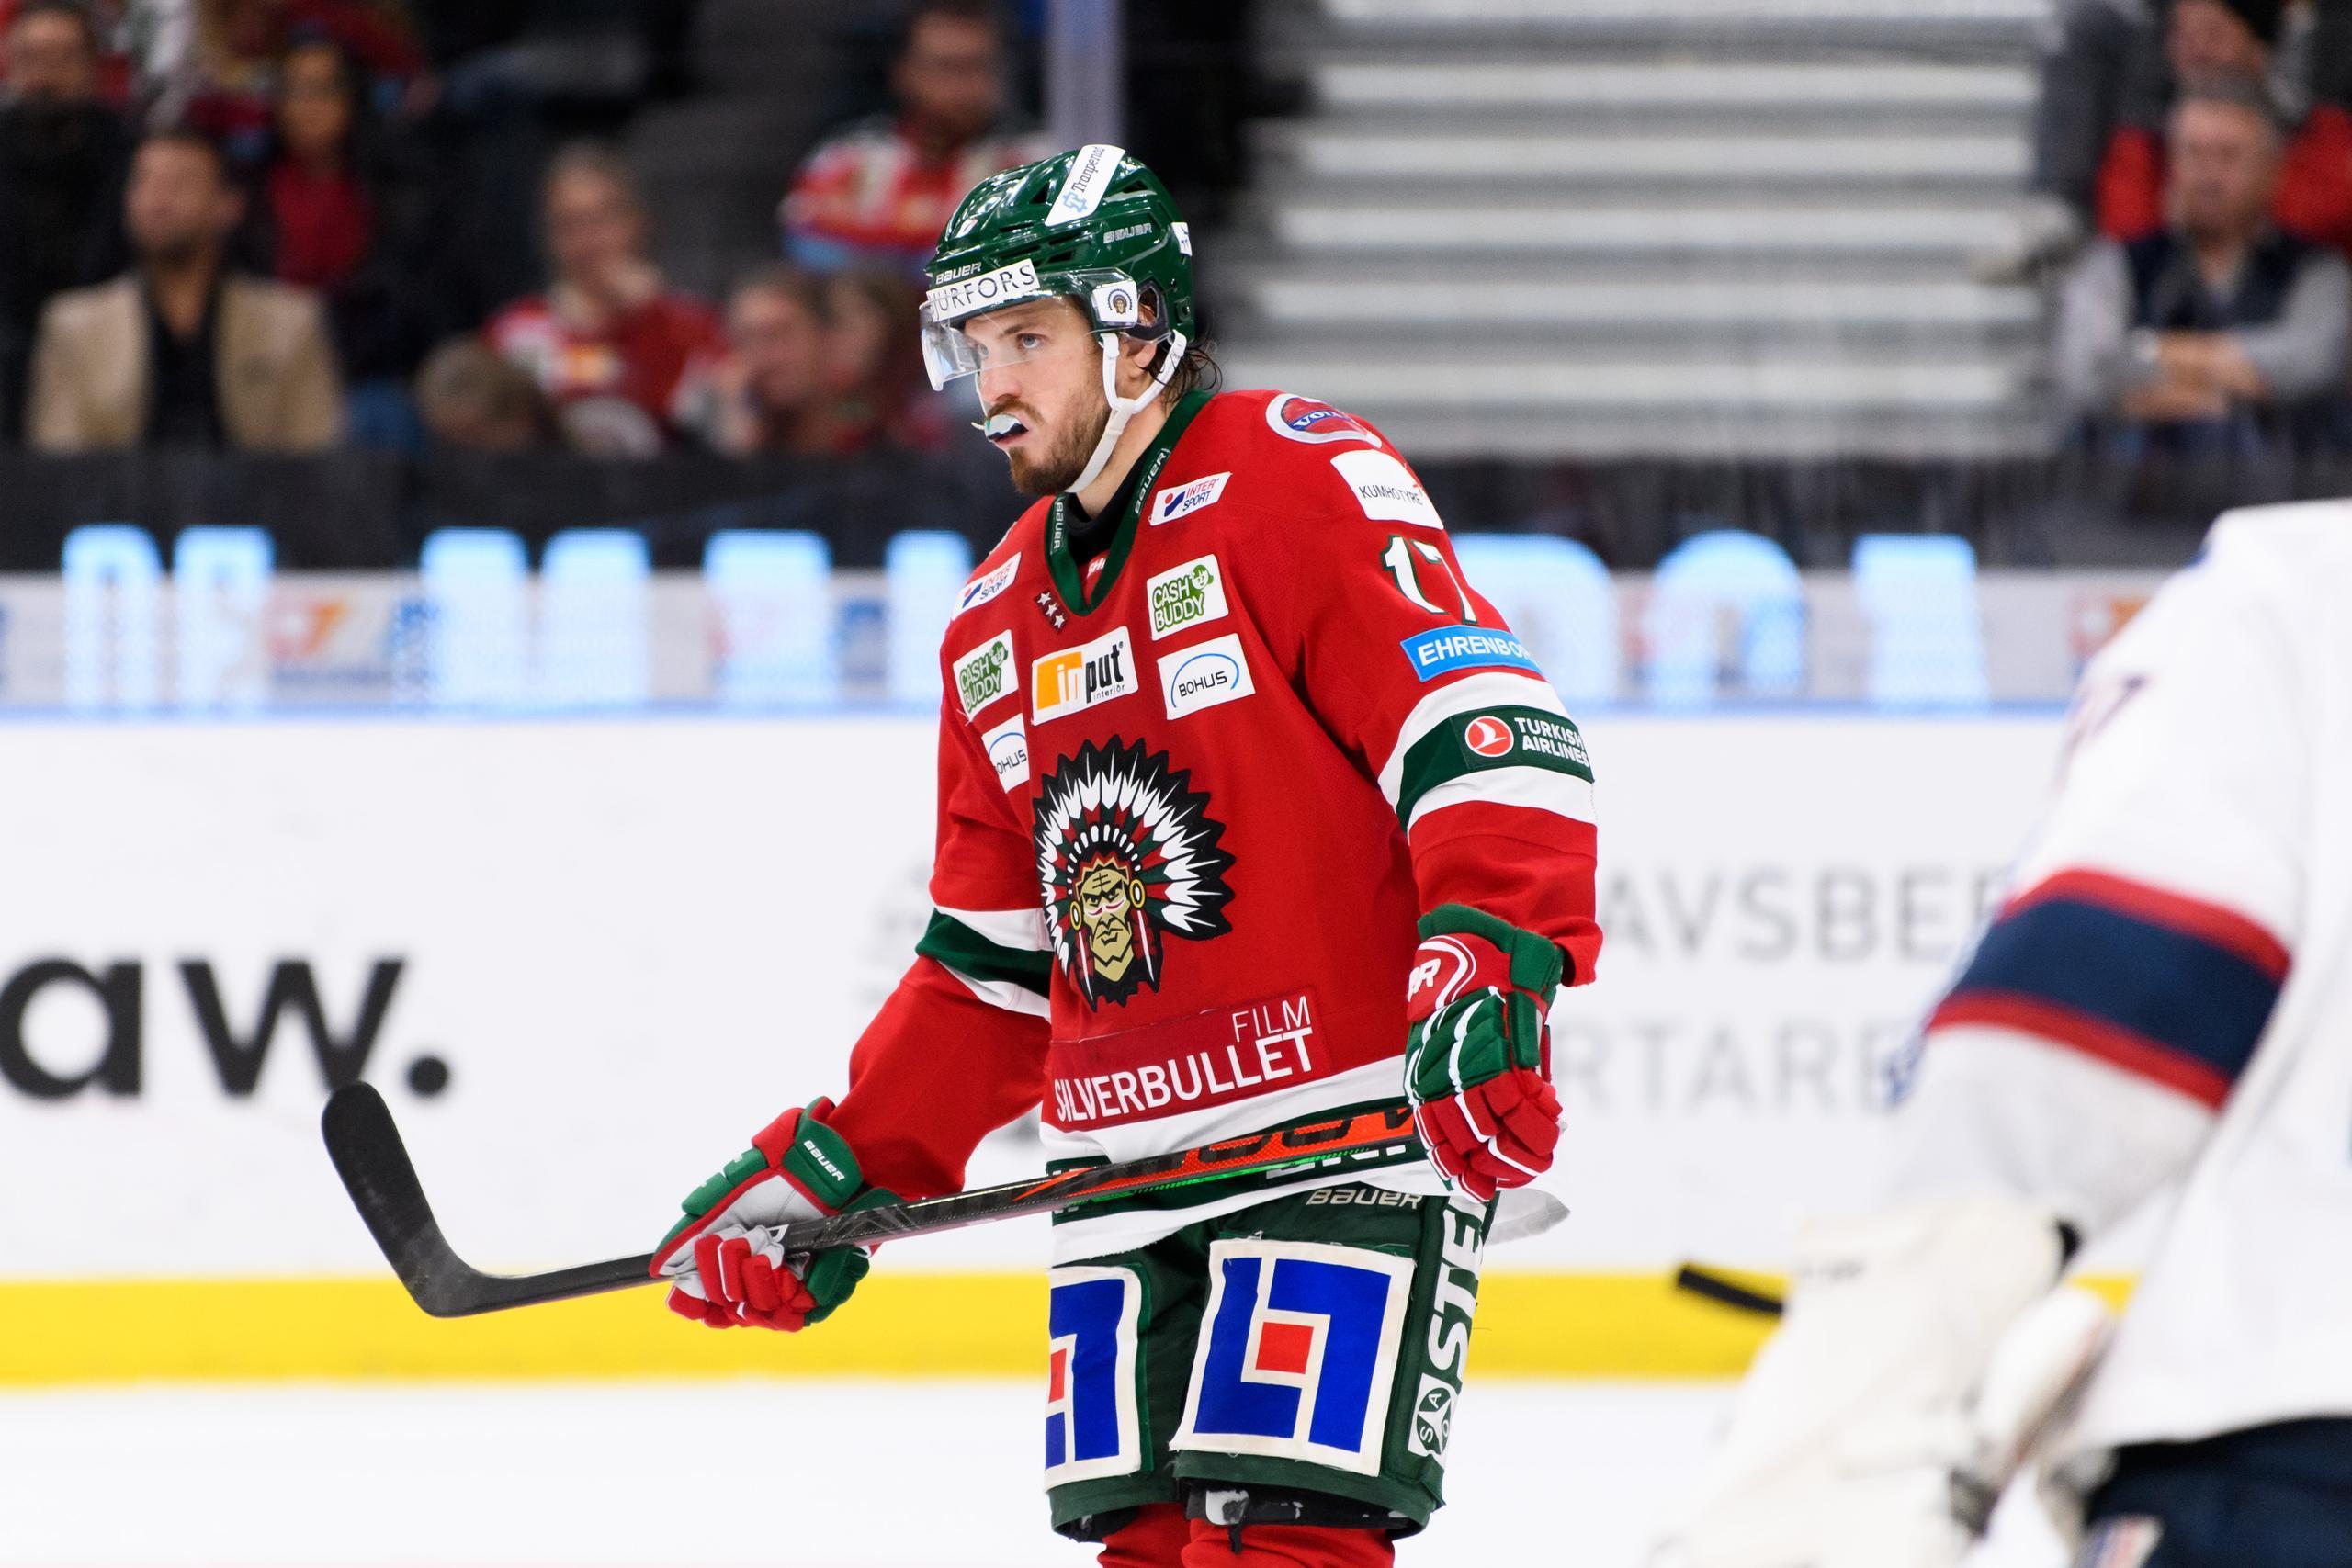 Stålberg dumpades av Frölunda – nu klar för finsk klubb